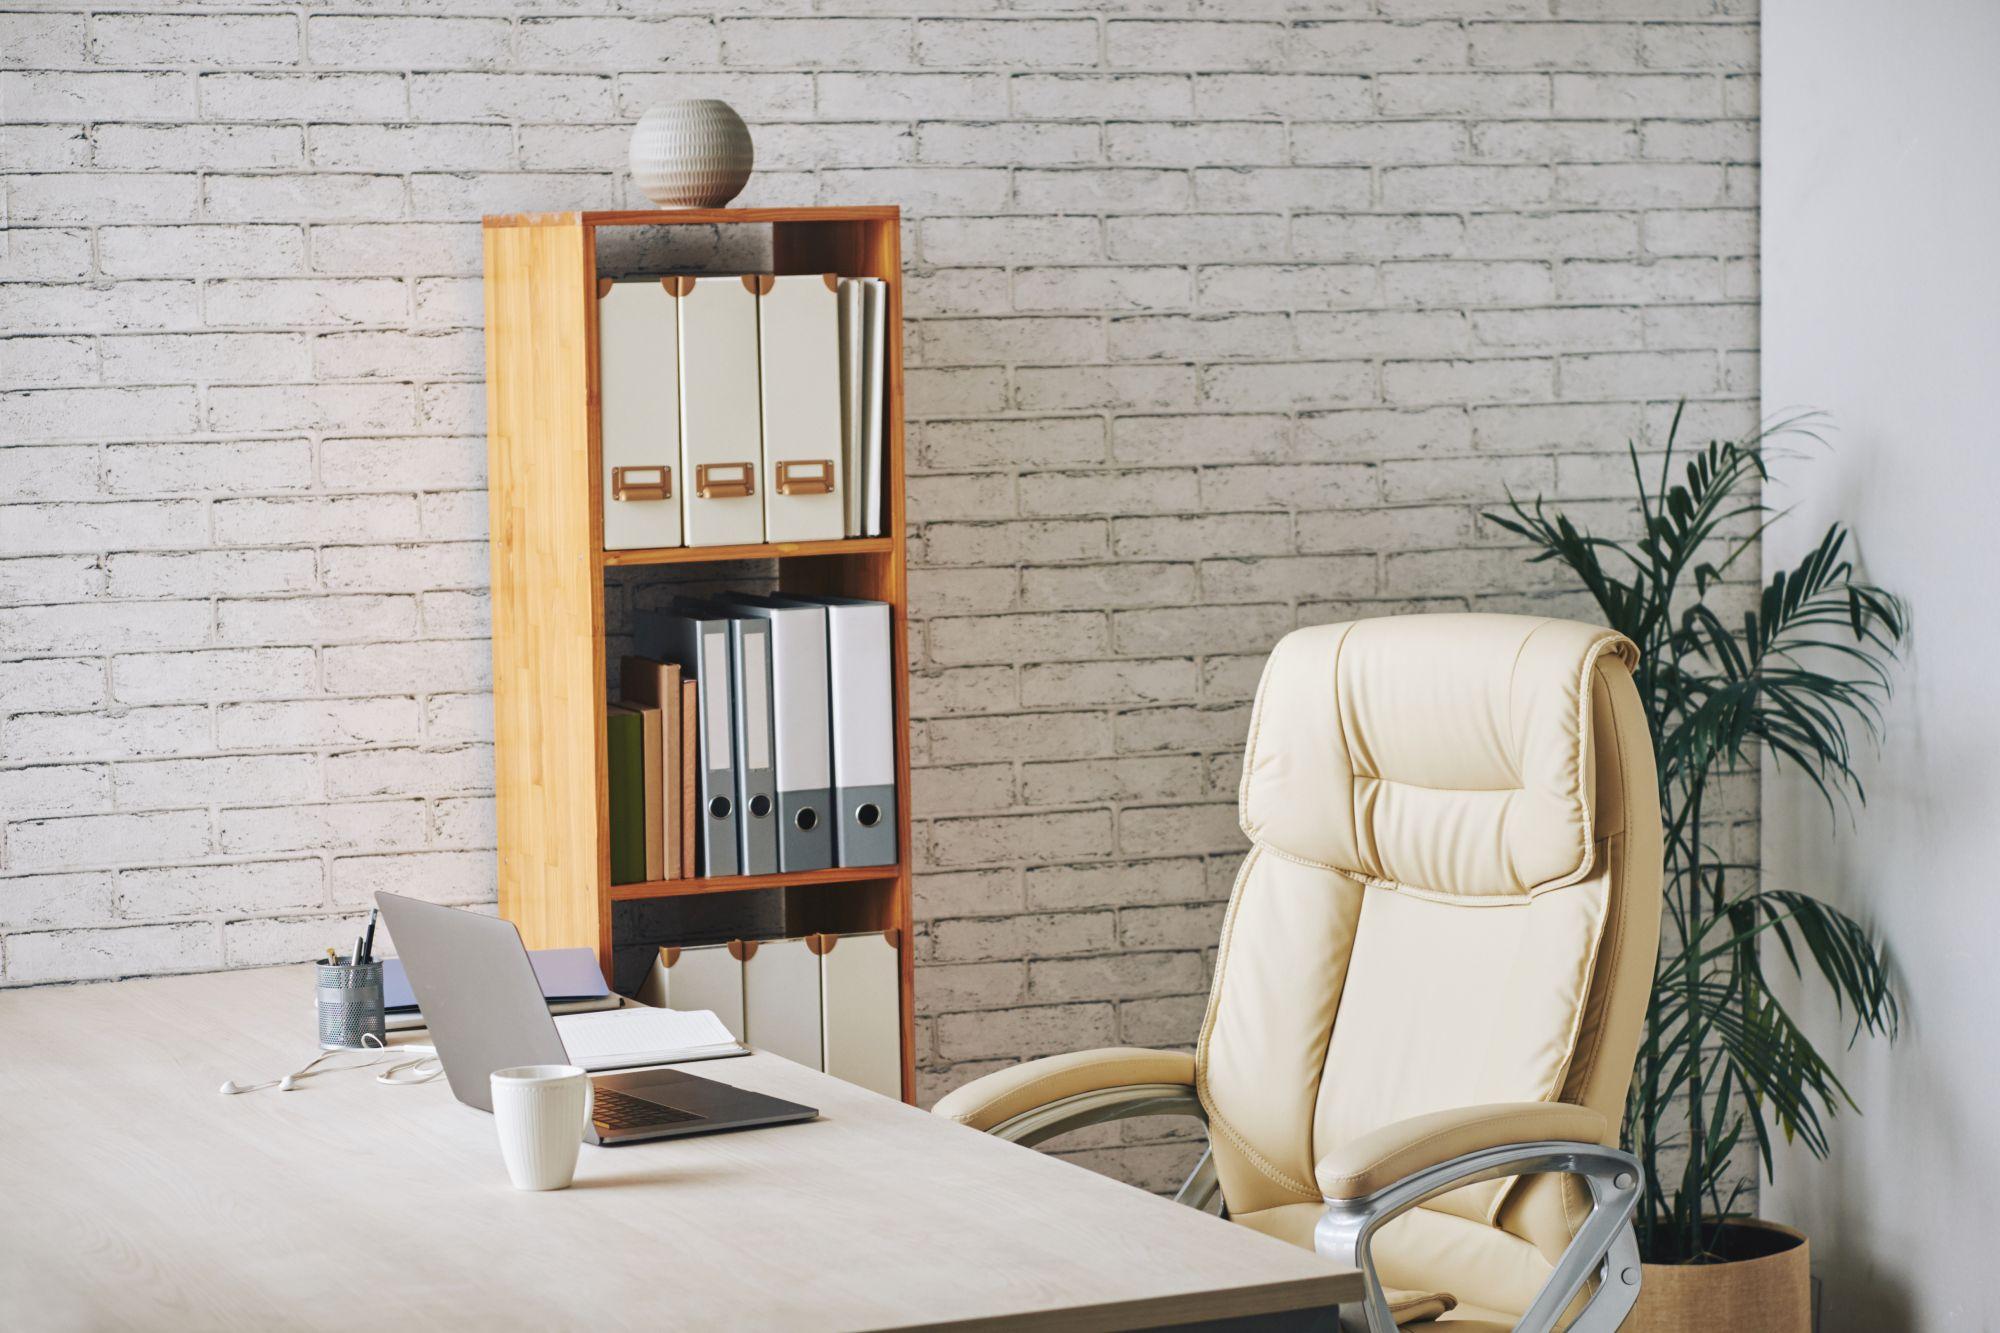 Otthoni iroda székkel